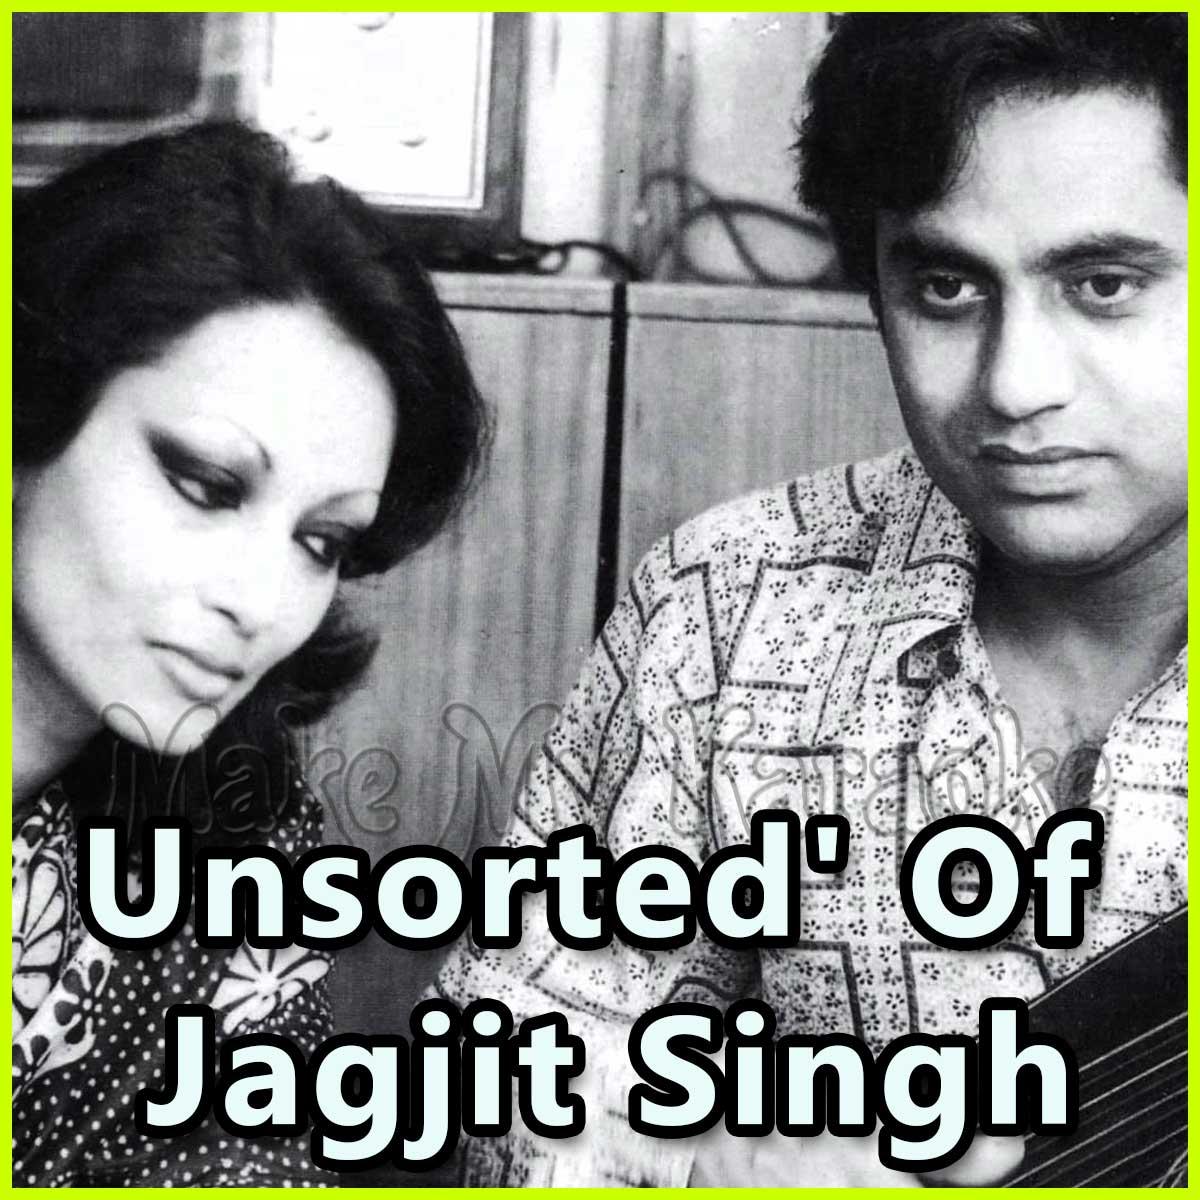 Jagjit singh - Free Music Download